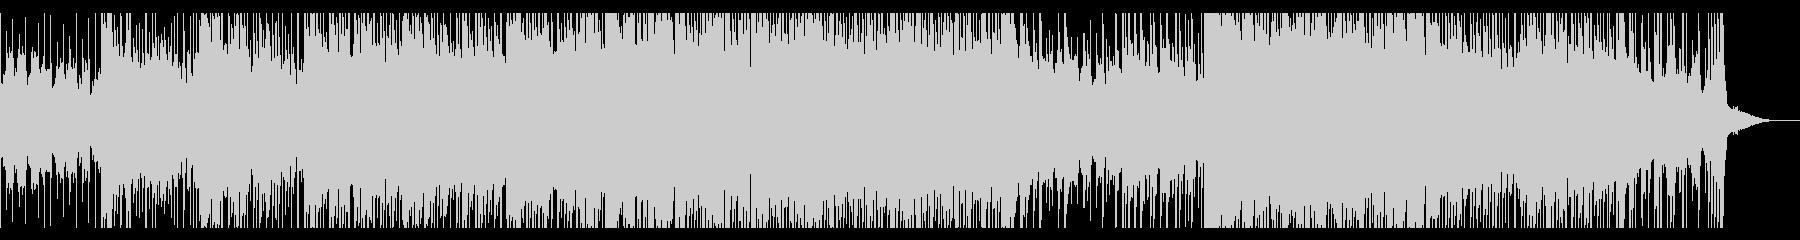 気だるい雰囲気と切ないメロディが印象的の未再生の波形